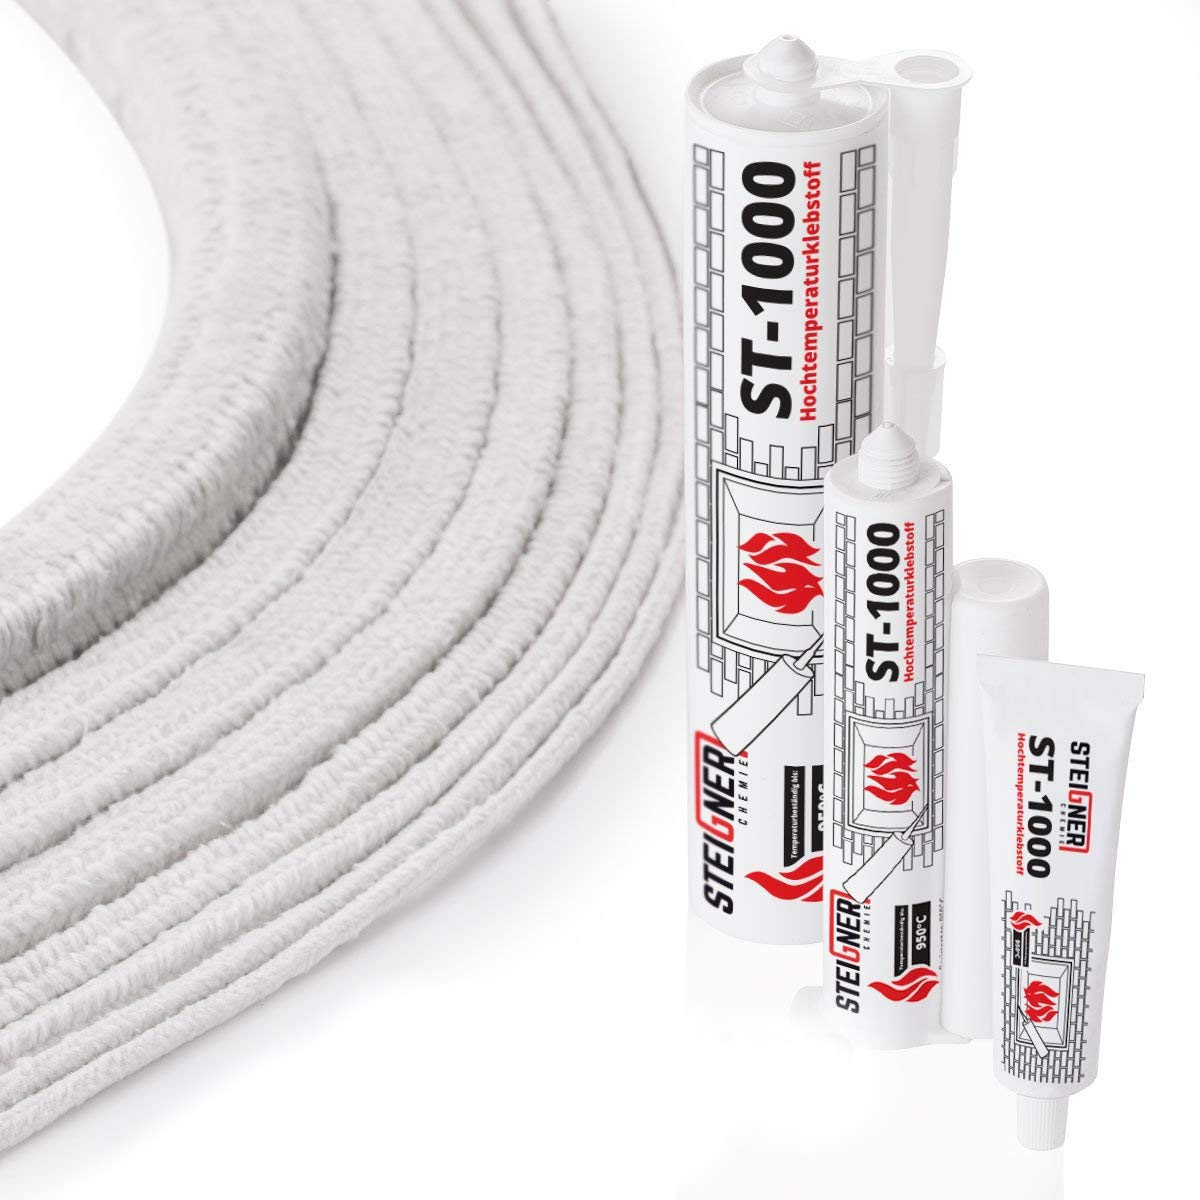 STEIGNER Cordone Isolante in fibra ceramica SKD01-8, con sigillante adesivo per montaggio termico resistente alla temperatura fino a 1260 ° C, 8x8 mm, 4 m